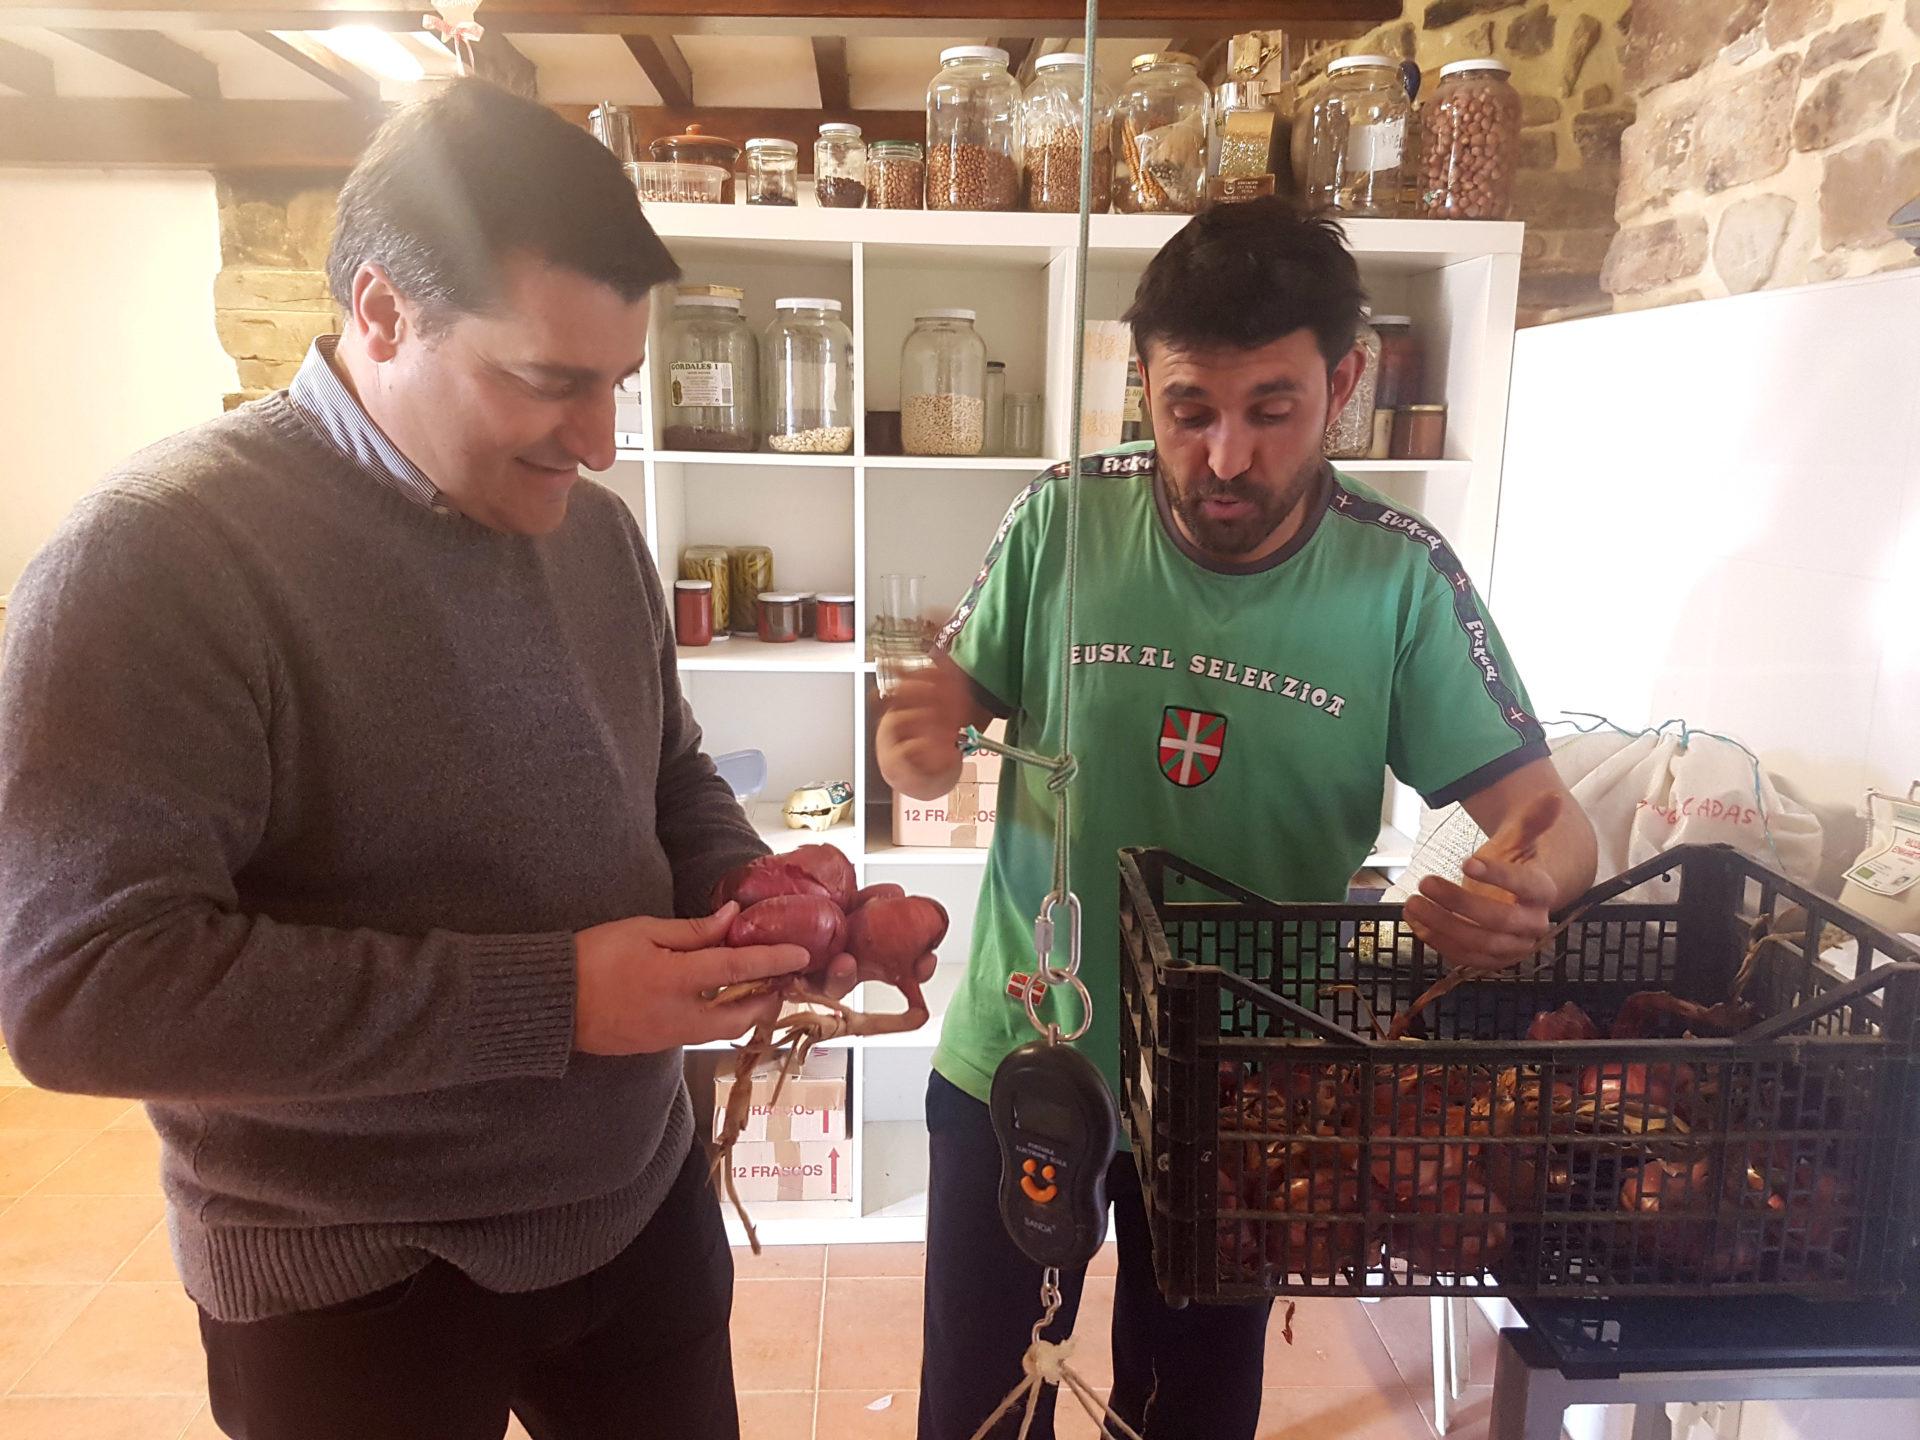 Borja Lopez, agricultor, habla con Josep Roca sobre el cultivo de cebollas moradas